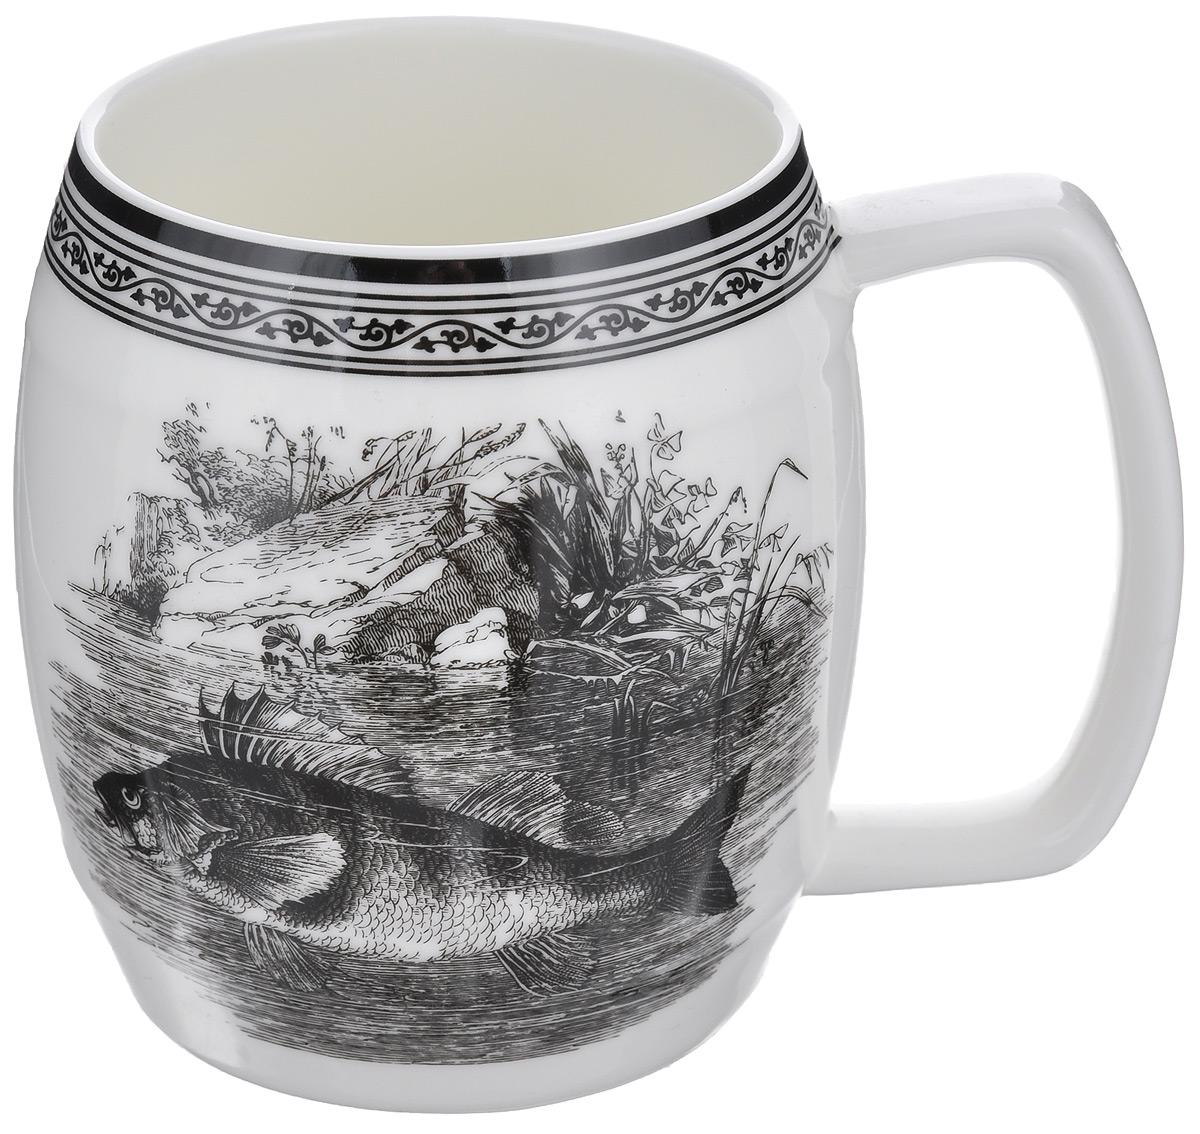 Кружка пивная Elan Gallery Удачная рыбалка, 700 мл530020Большая кружка Elan Gallery Удачная рыбалка, выполненная из керамики, станет оригинальным подарком любимым мужчинам! Идеальна для тех, кто предпочитает большие кружки, и для любителей чая, кофе и пенных напитков. Не рекомендуется применять абразивные моющие средства. Не использовать в микроволновой печи.